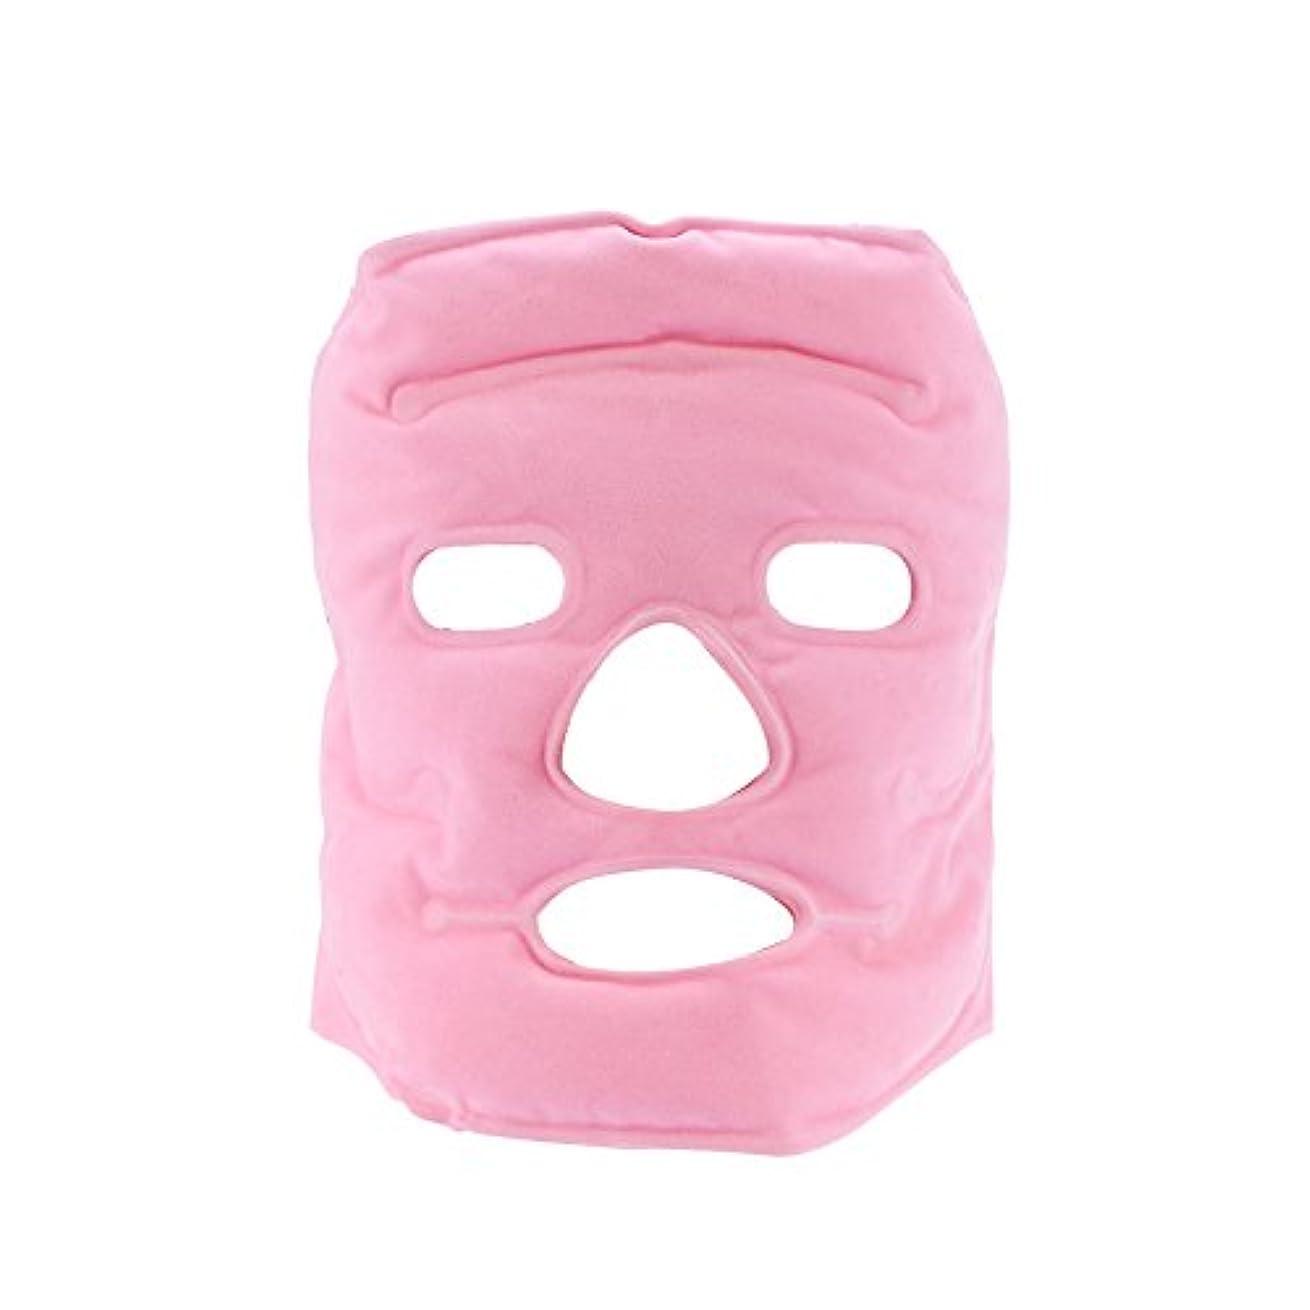 ラッドヤードキップリング有力者素晴らしきトルマリンフェイスマスク、フェイシャル美容マスク計器トルマリン磁気コールド/ホットコンプレッションマッサージアンチリンクルフェイスケア女性